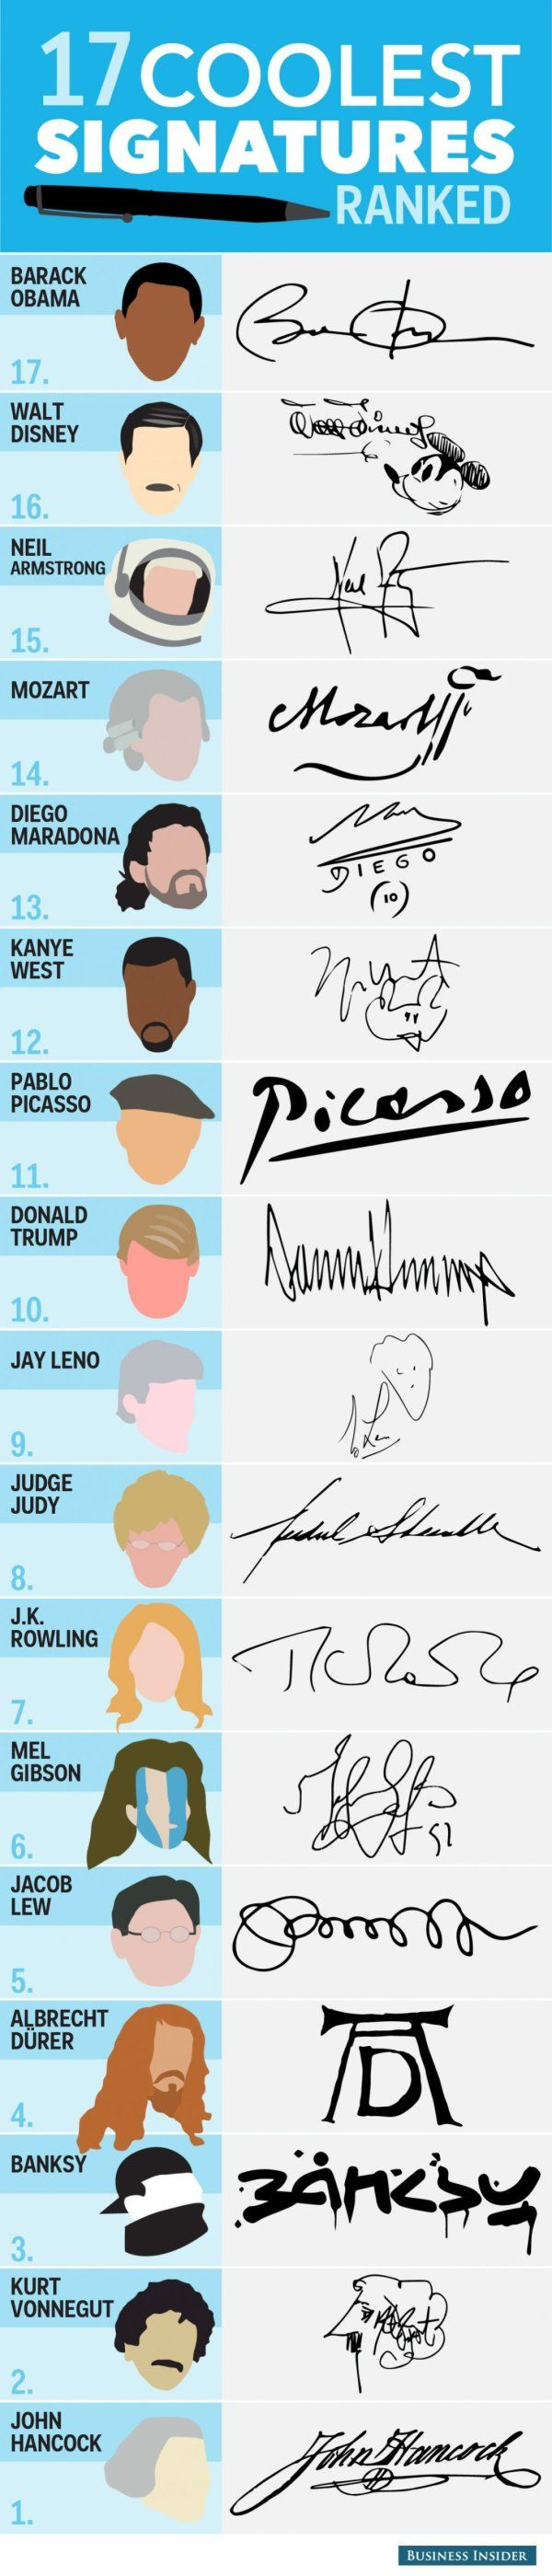 미국 비지니스 인사이더에서 뽑은 독특함이 묻어난/특이한 세계 유명인들의 싸인 17개 입니다. 정말 다양한 유명인들이 모여있네요. 예술가 파블로 피카소 부터 시작해서 아르헨티나 축구 영웅인 디에고 마라도나까지!